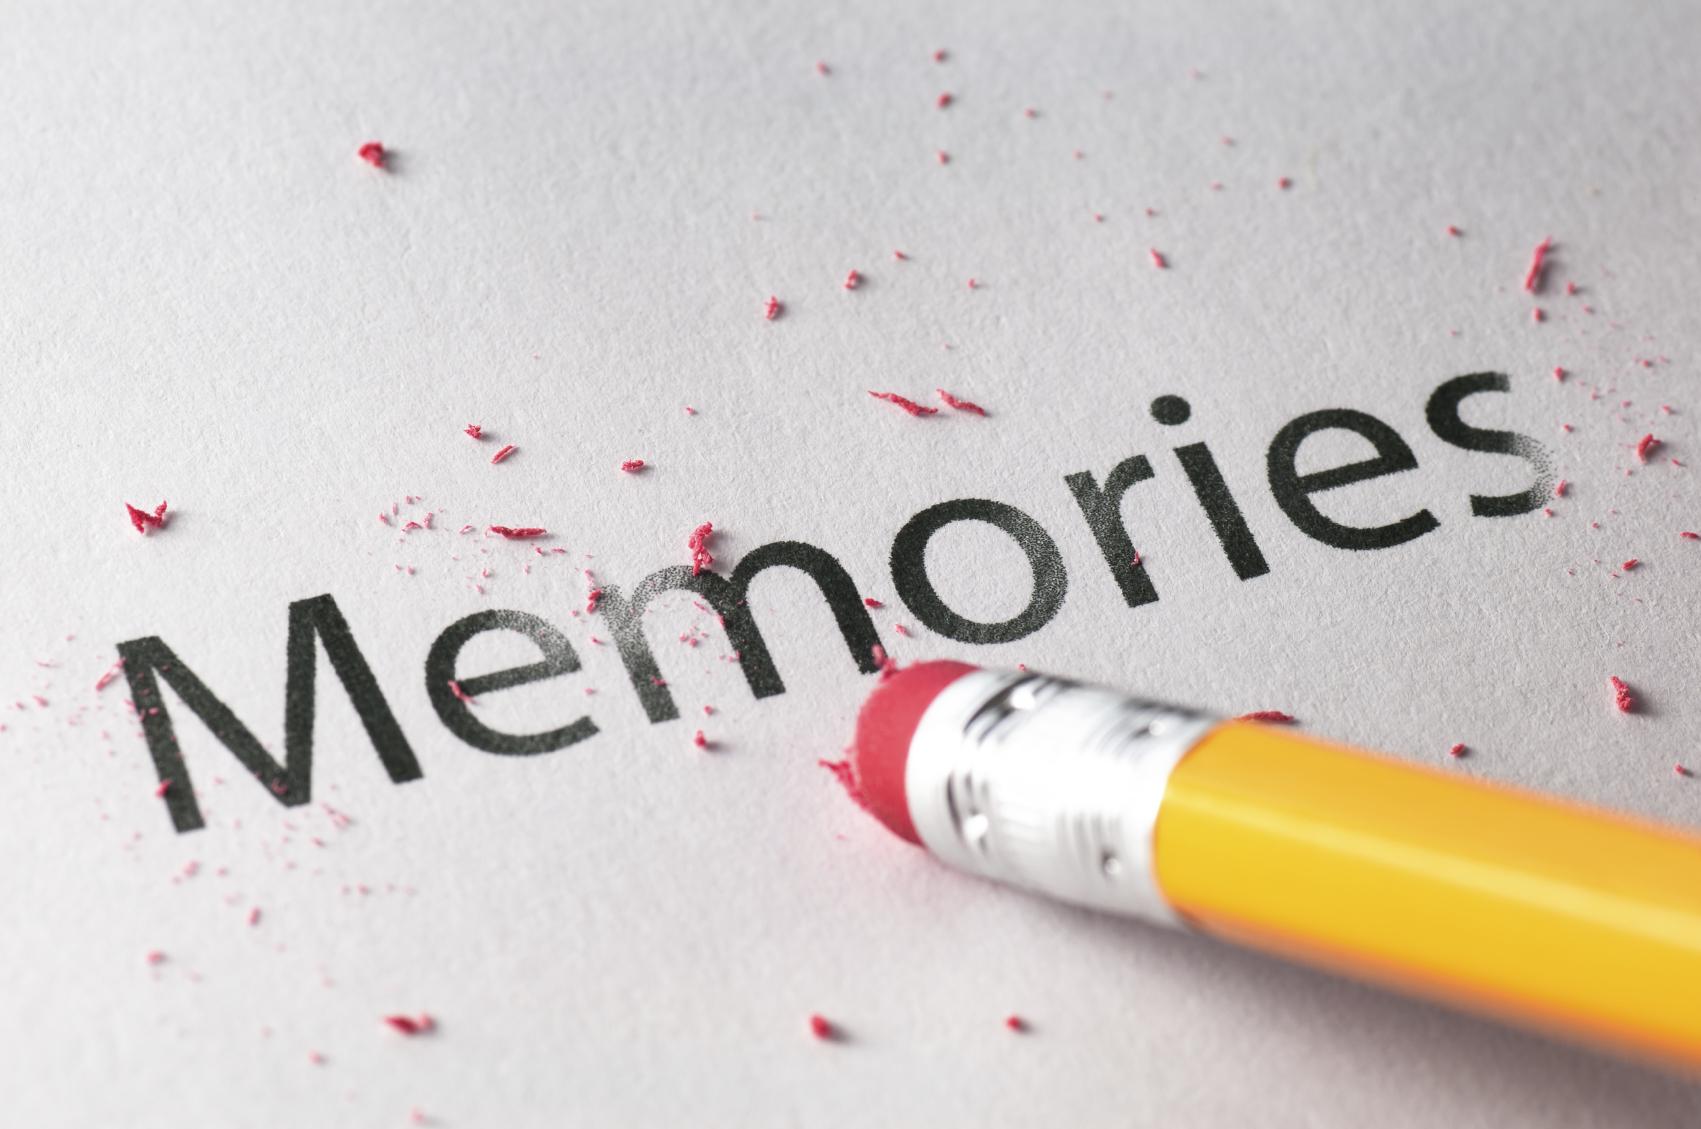 Memories kMITRA